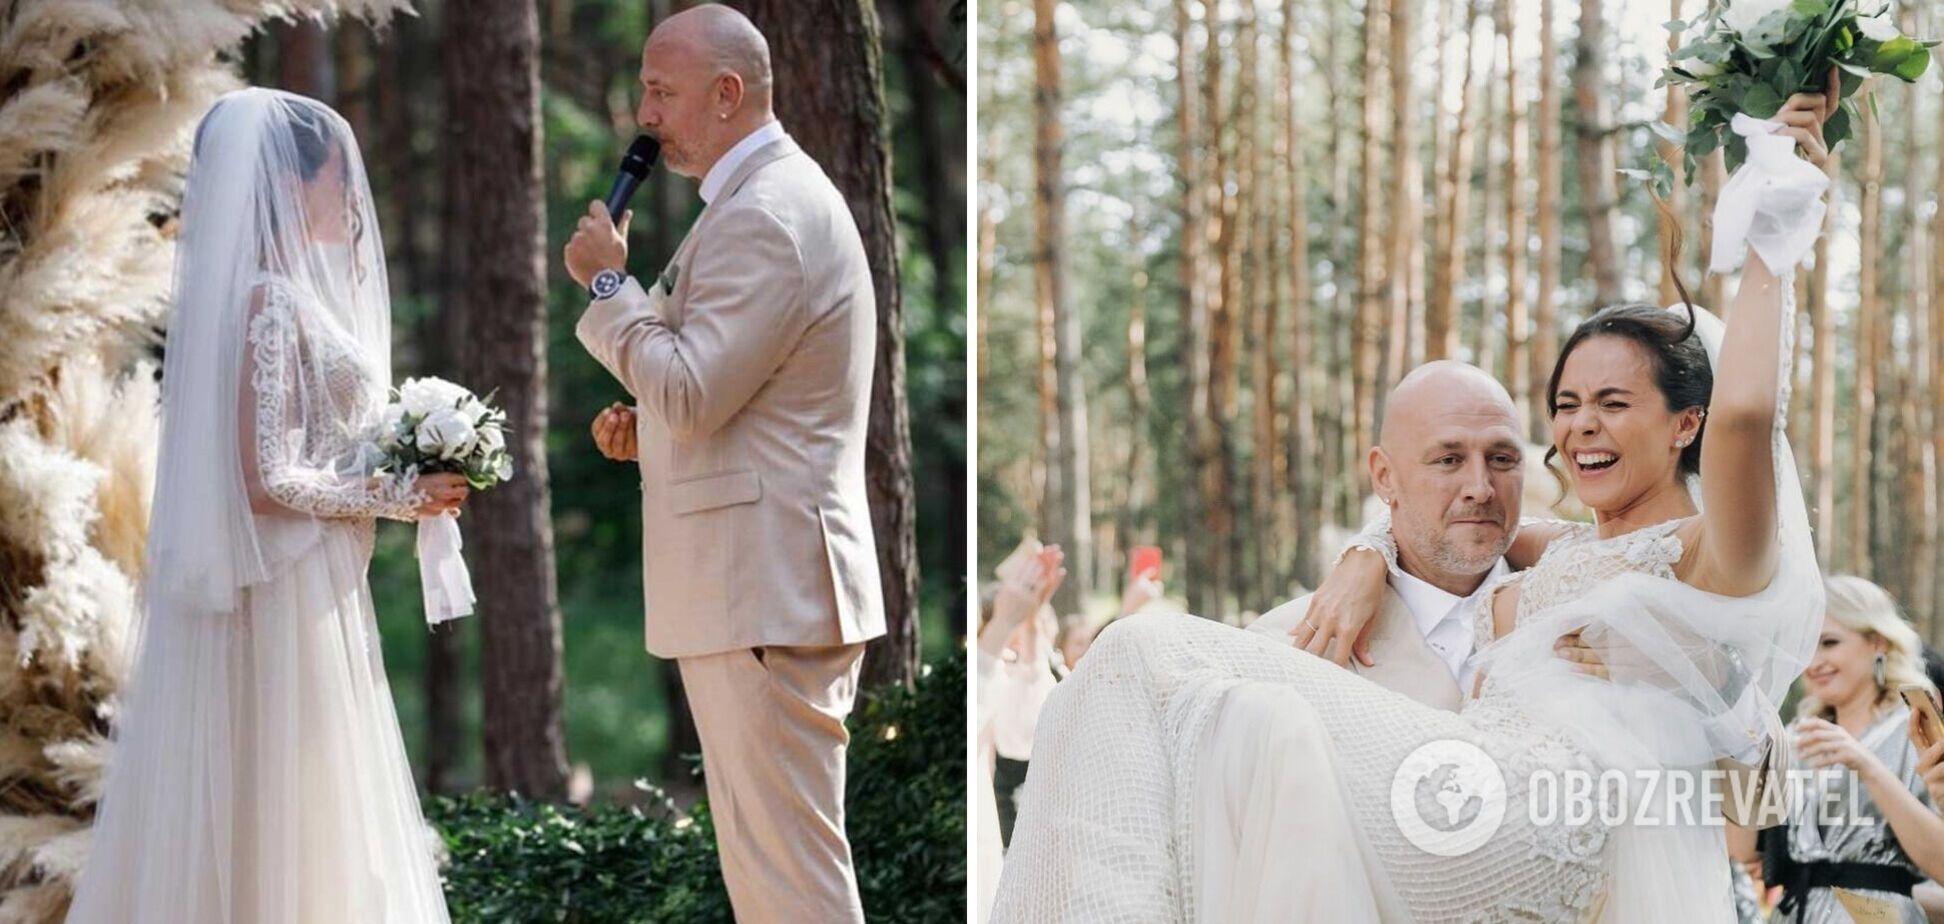 Потап признался, что у него с Каменских было три свадьбы